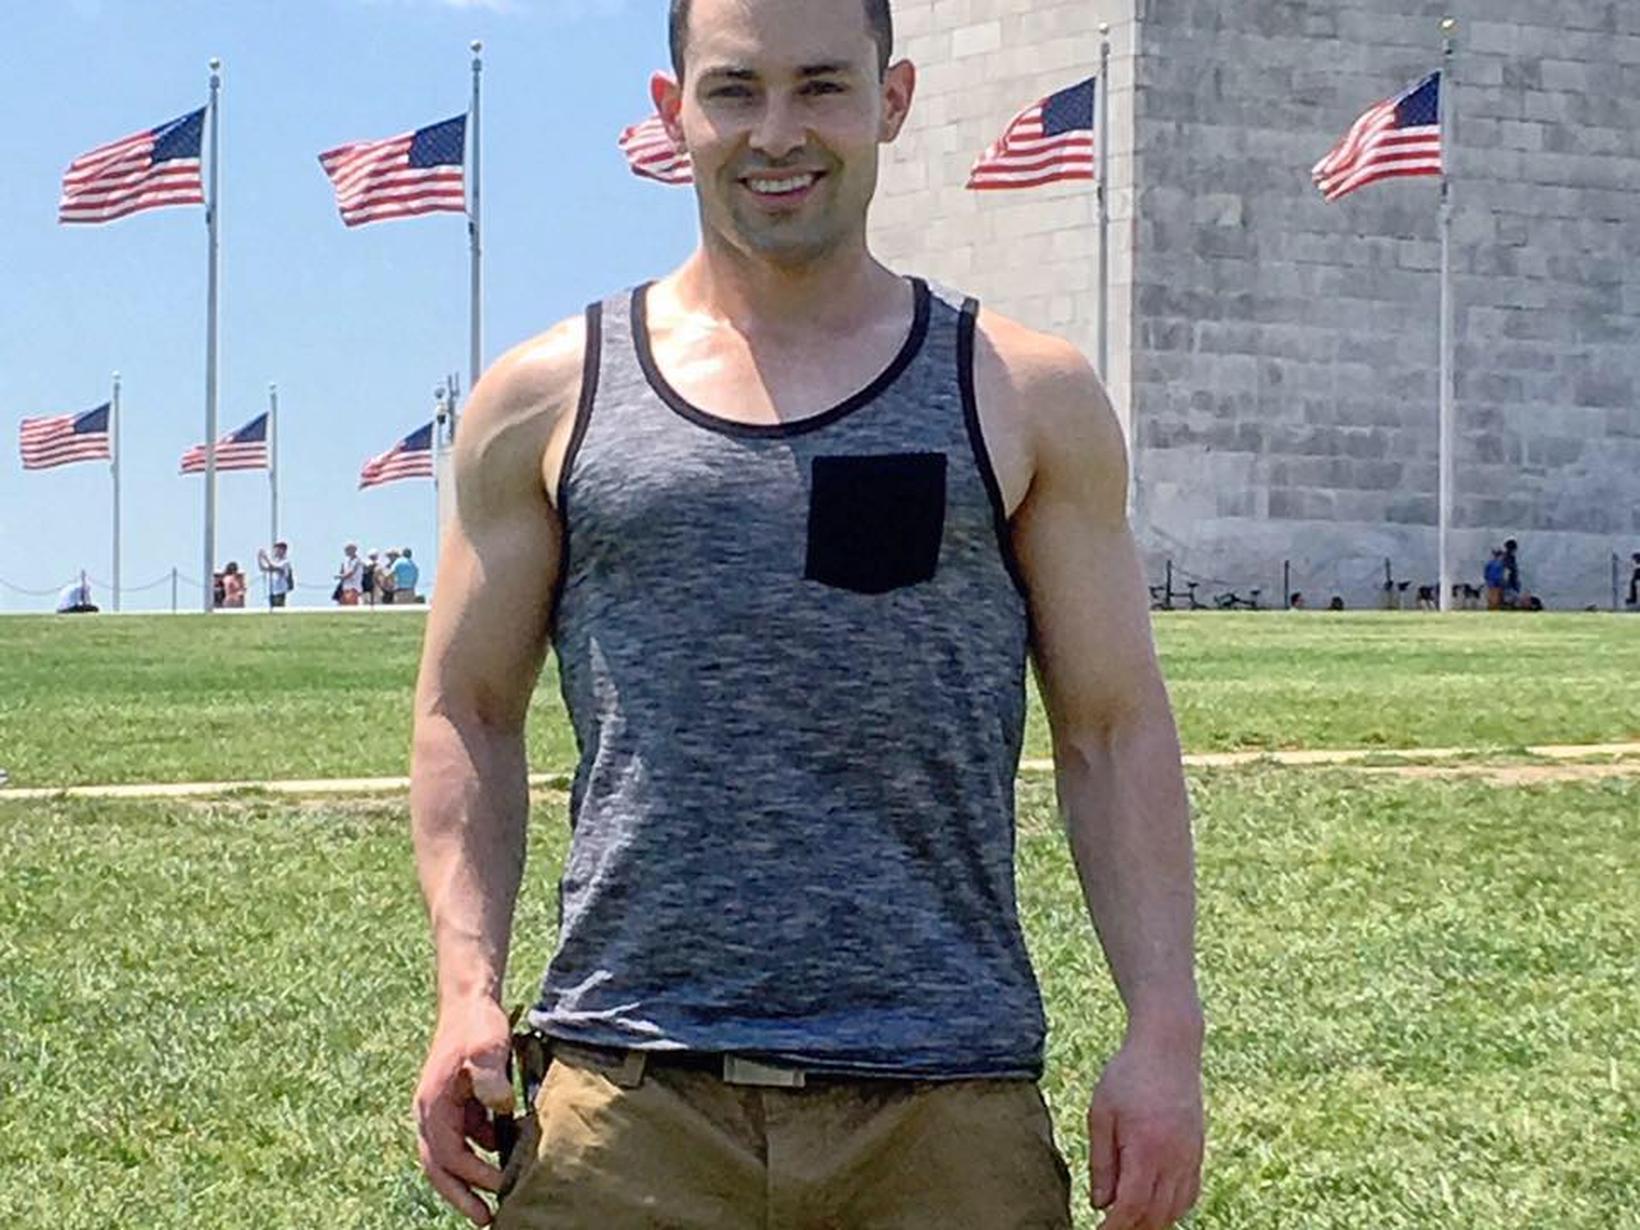 Adam from Montréal, Quebec, Canada